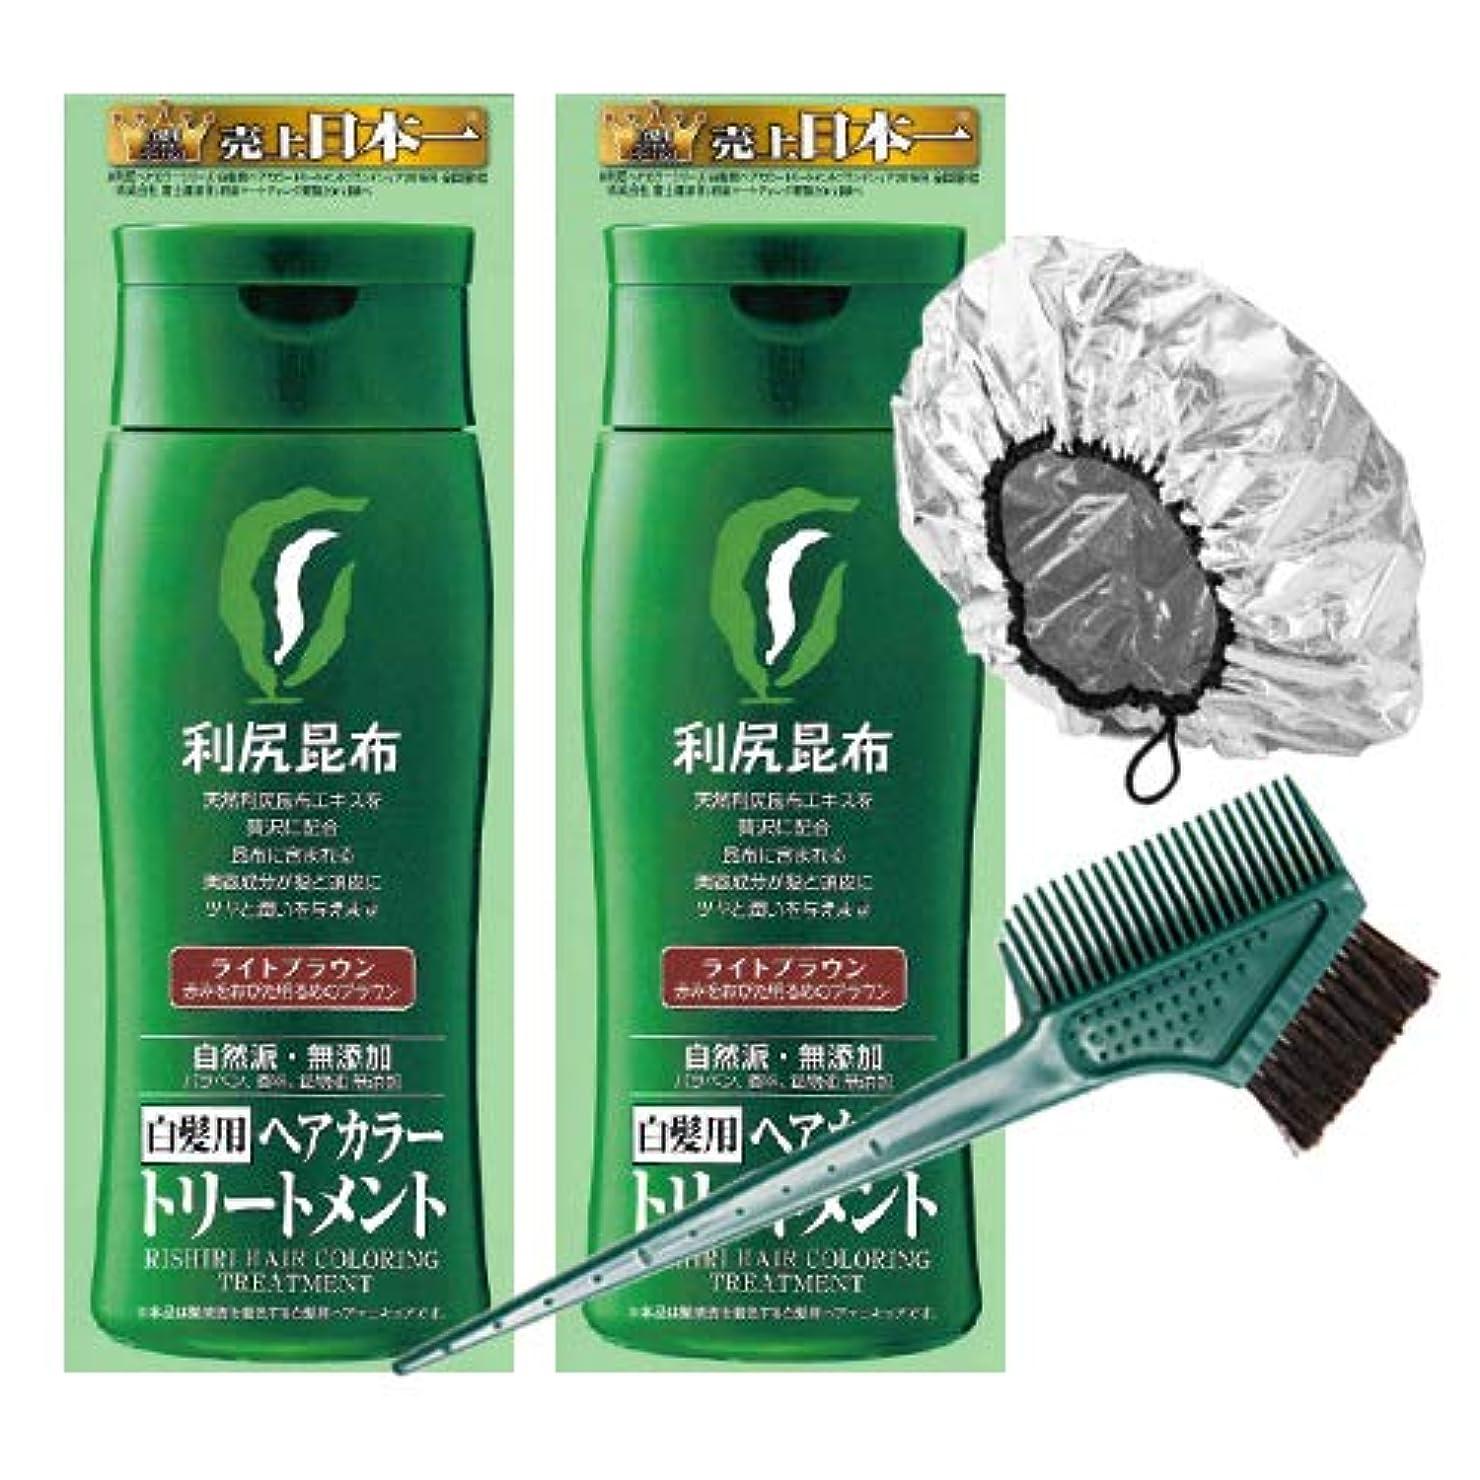 必要条件六分儀電極利尻ヘアカラートリートメント白髪染め 200g×2本(ライトブラウン)&馬毛100%毛染めブラシ&専用キャップセット